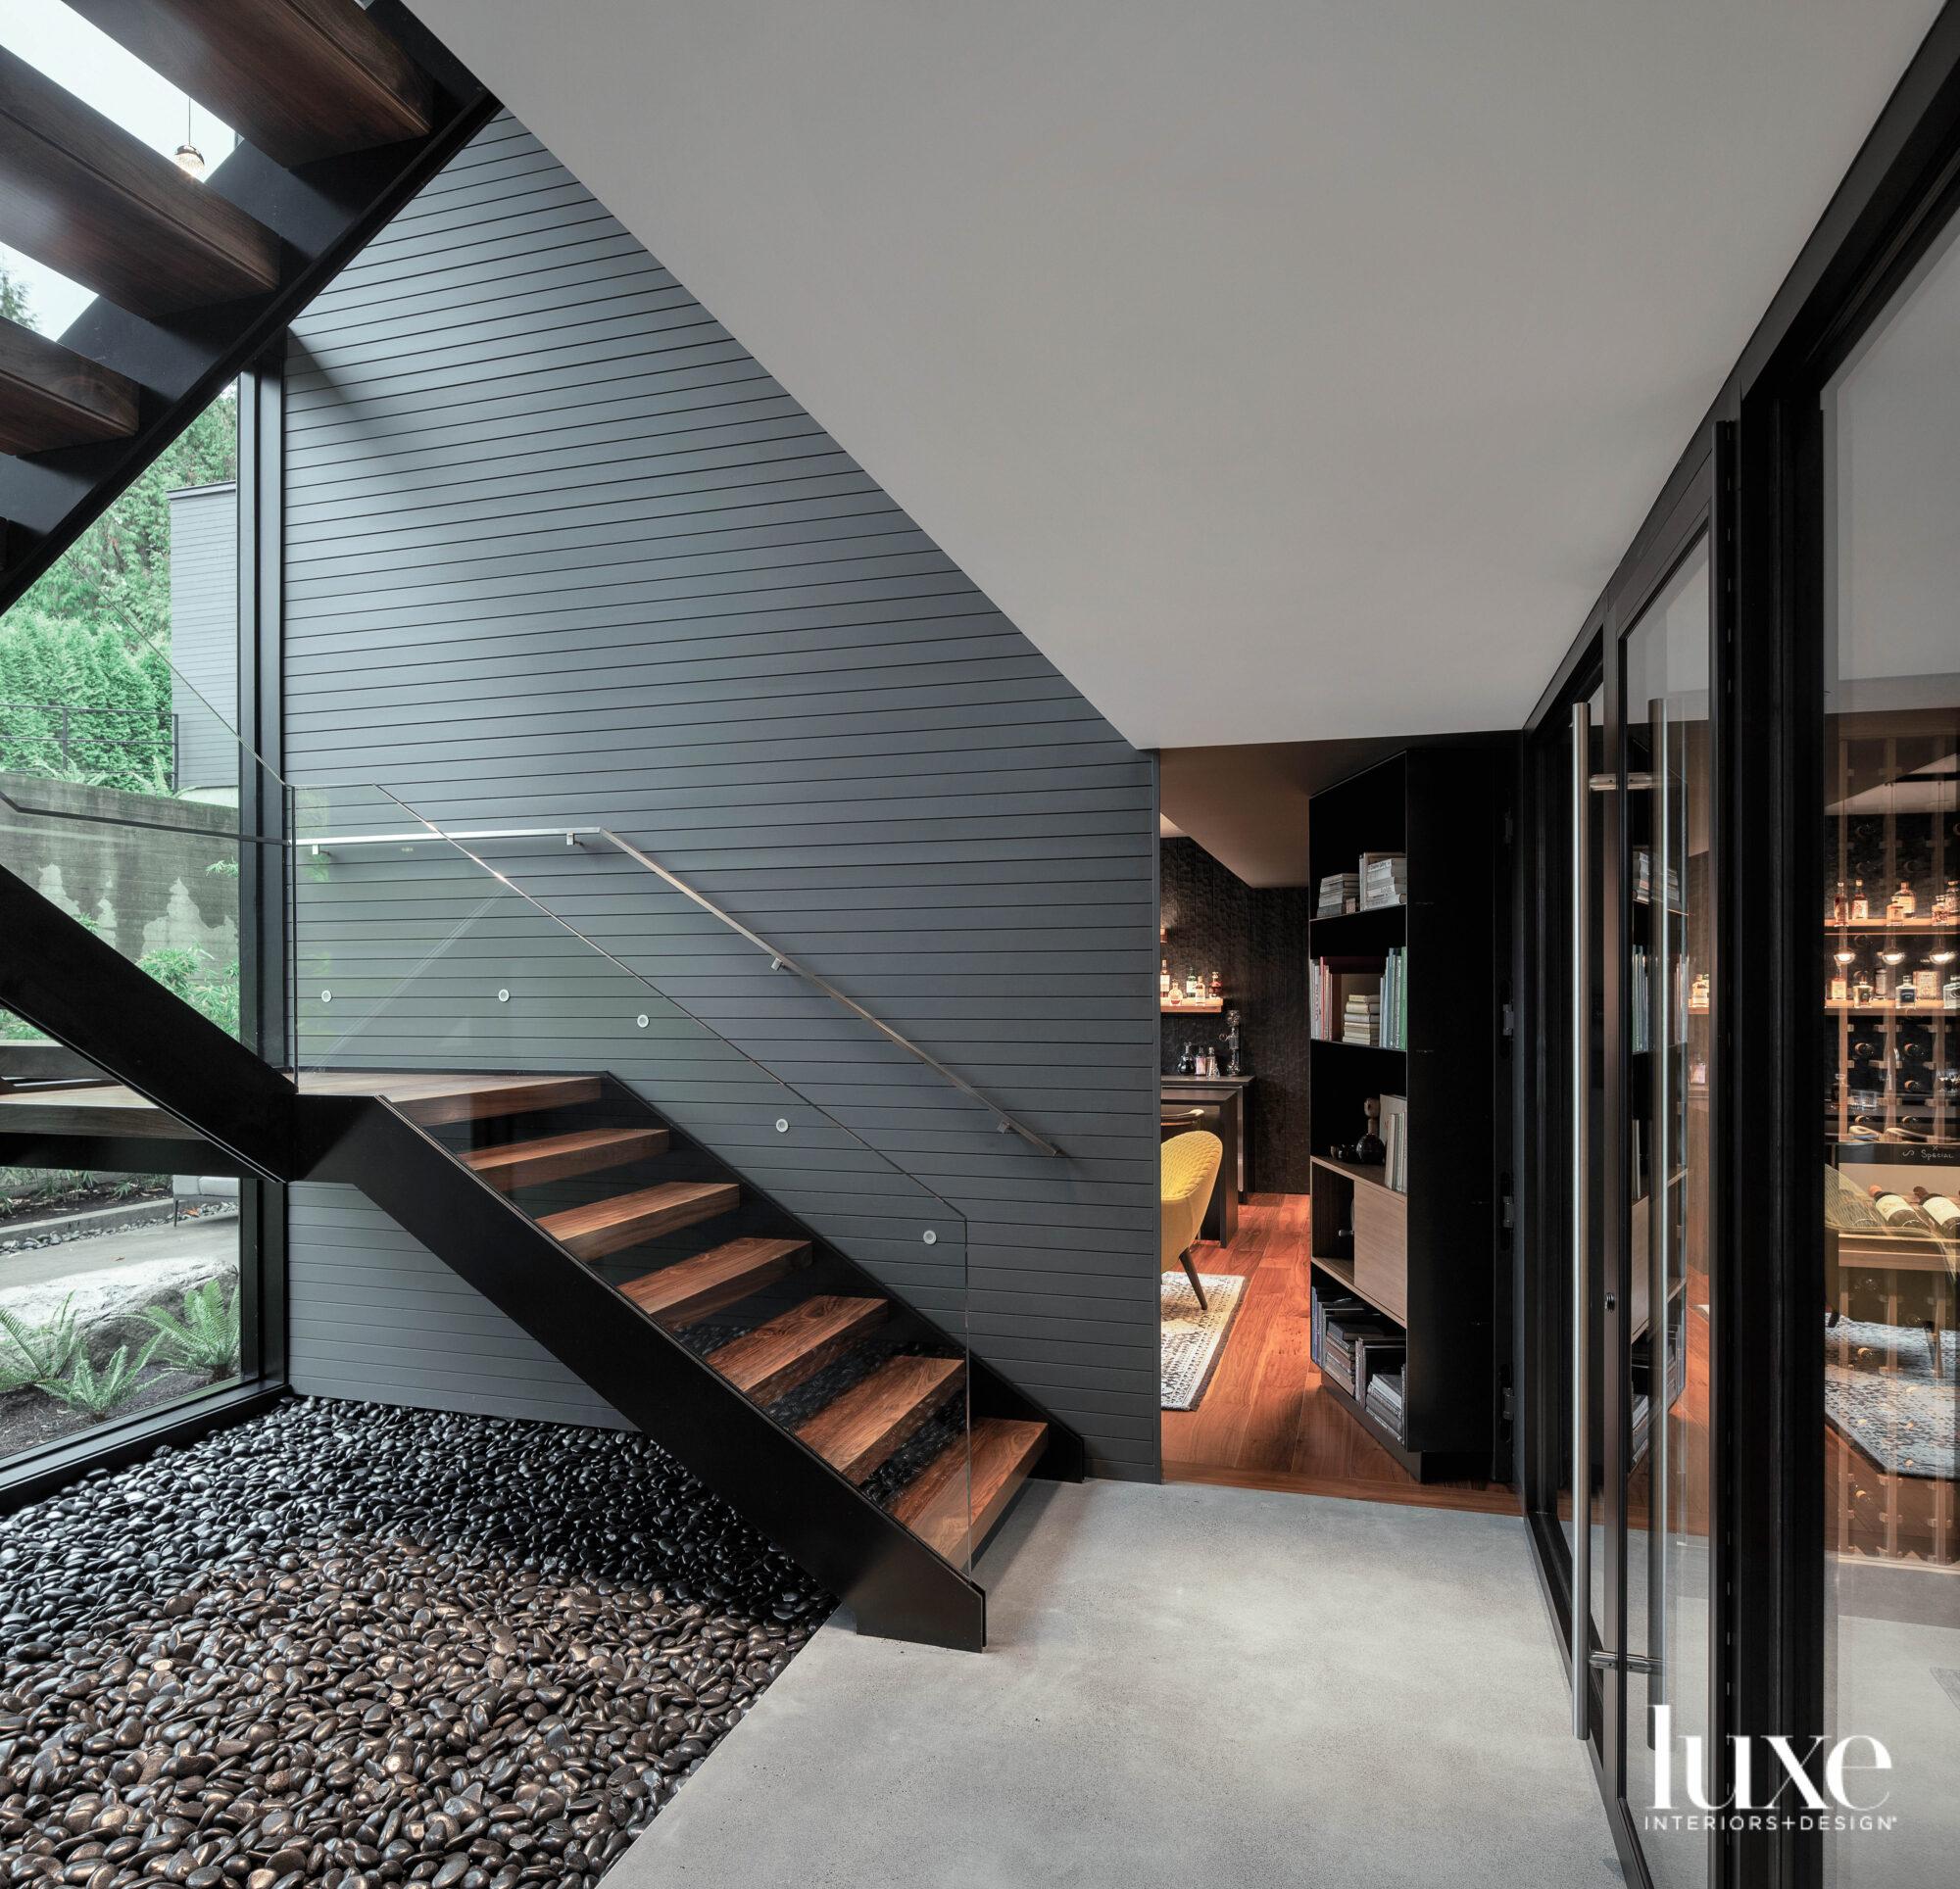 Stairway with hidden doorway detail